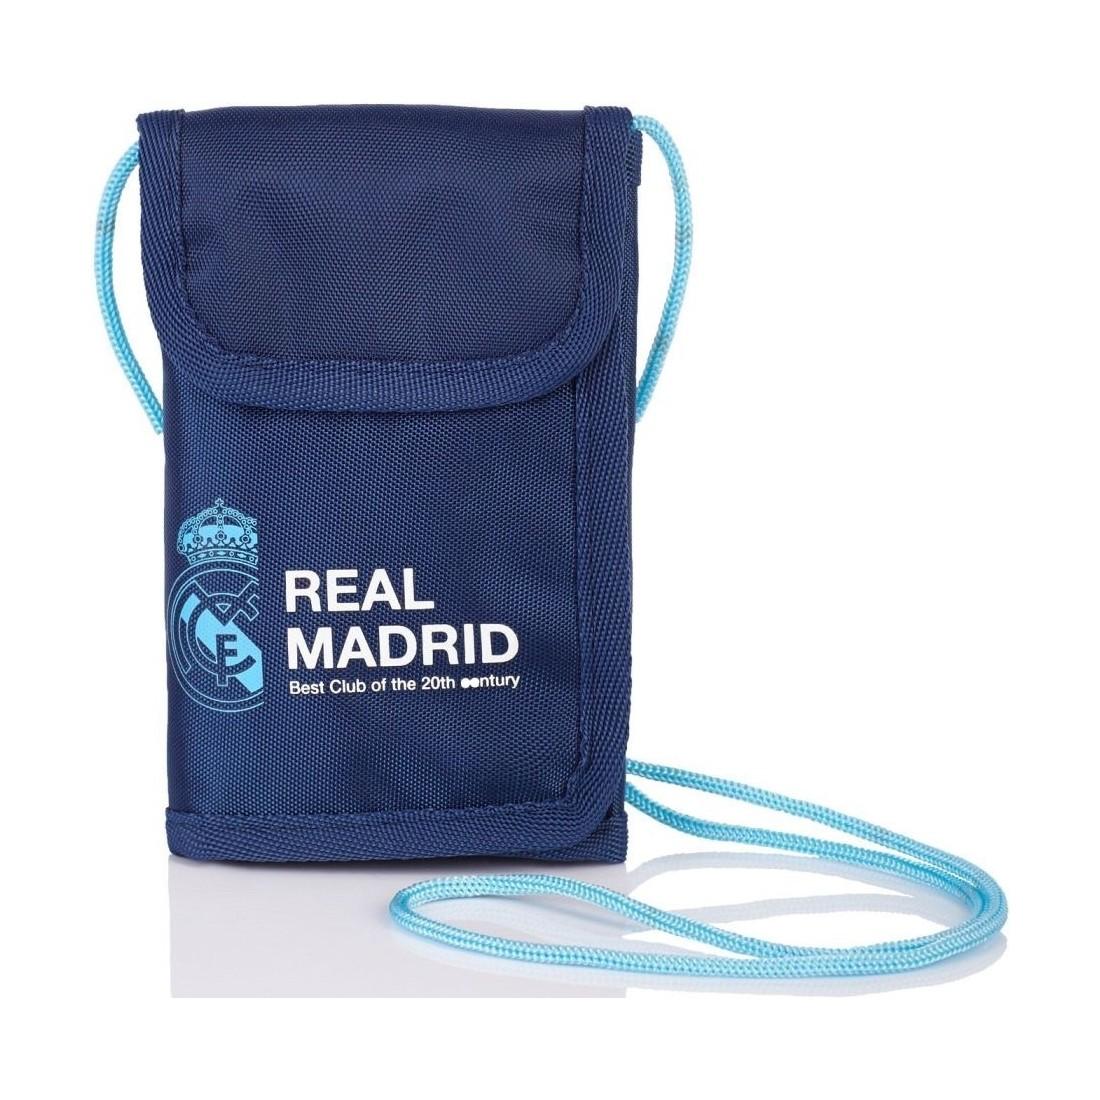 340be88dd3abd Portfel na szyję Real Madryt granatowy RM-97 dla kibica - plecak ...